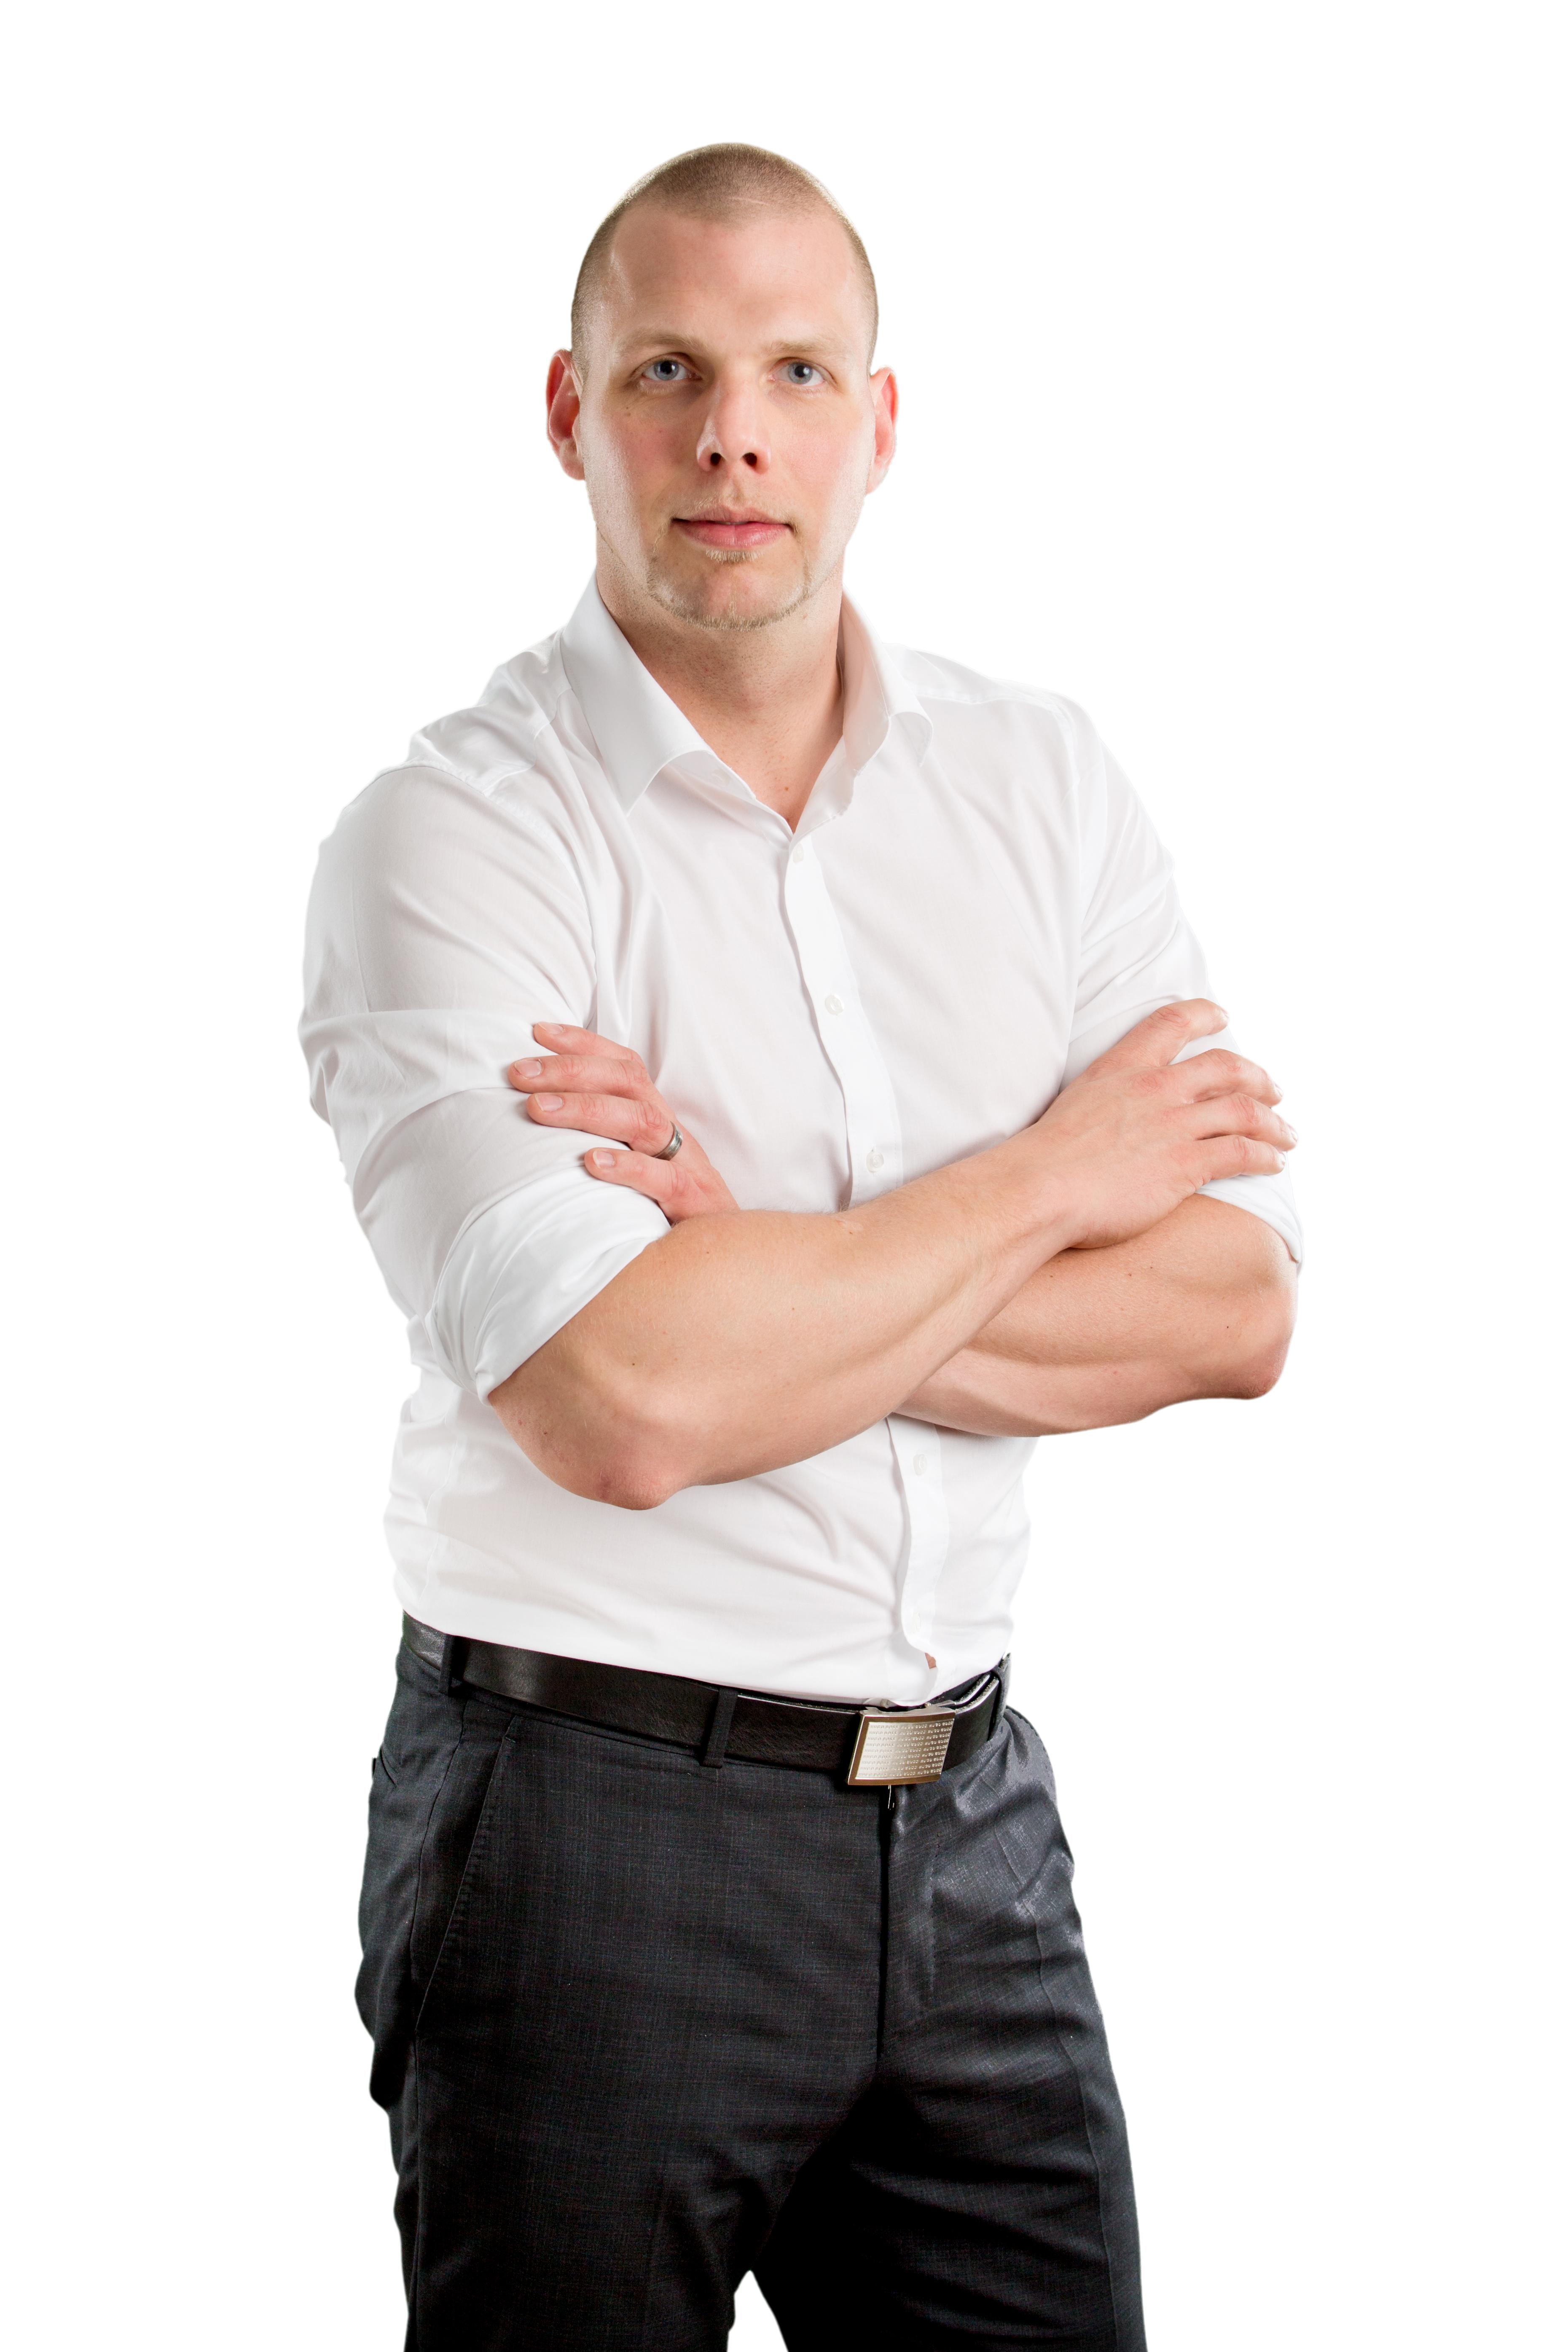 Serviceleiter Jochen Mayerhofer